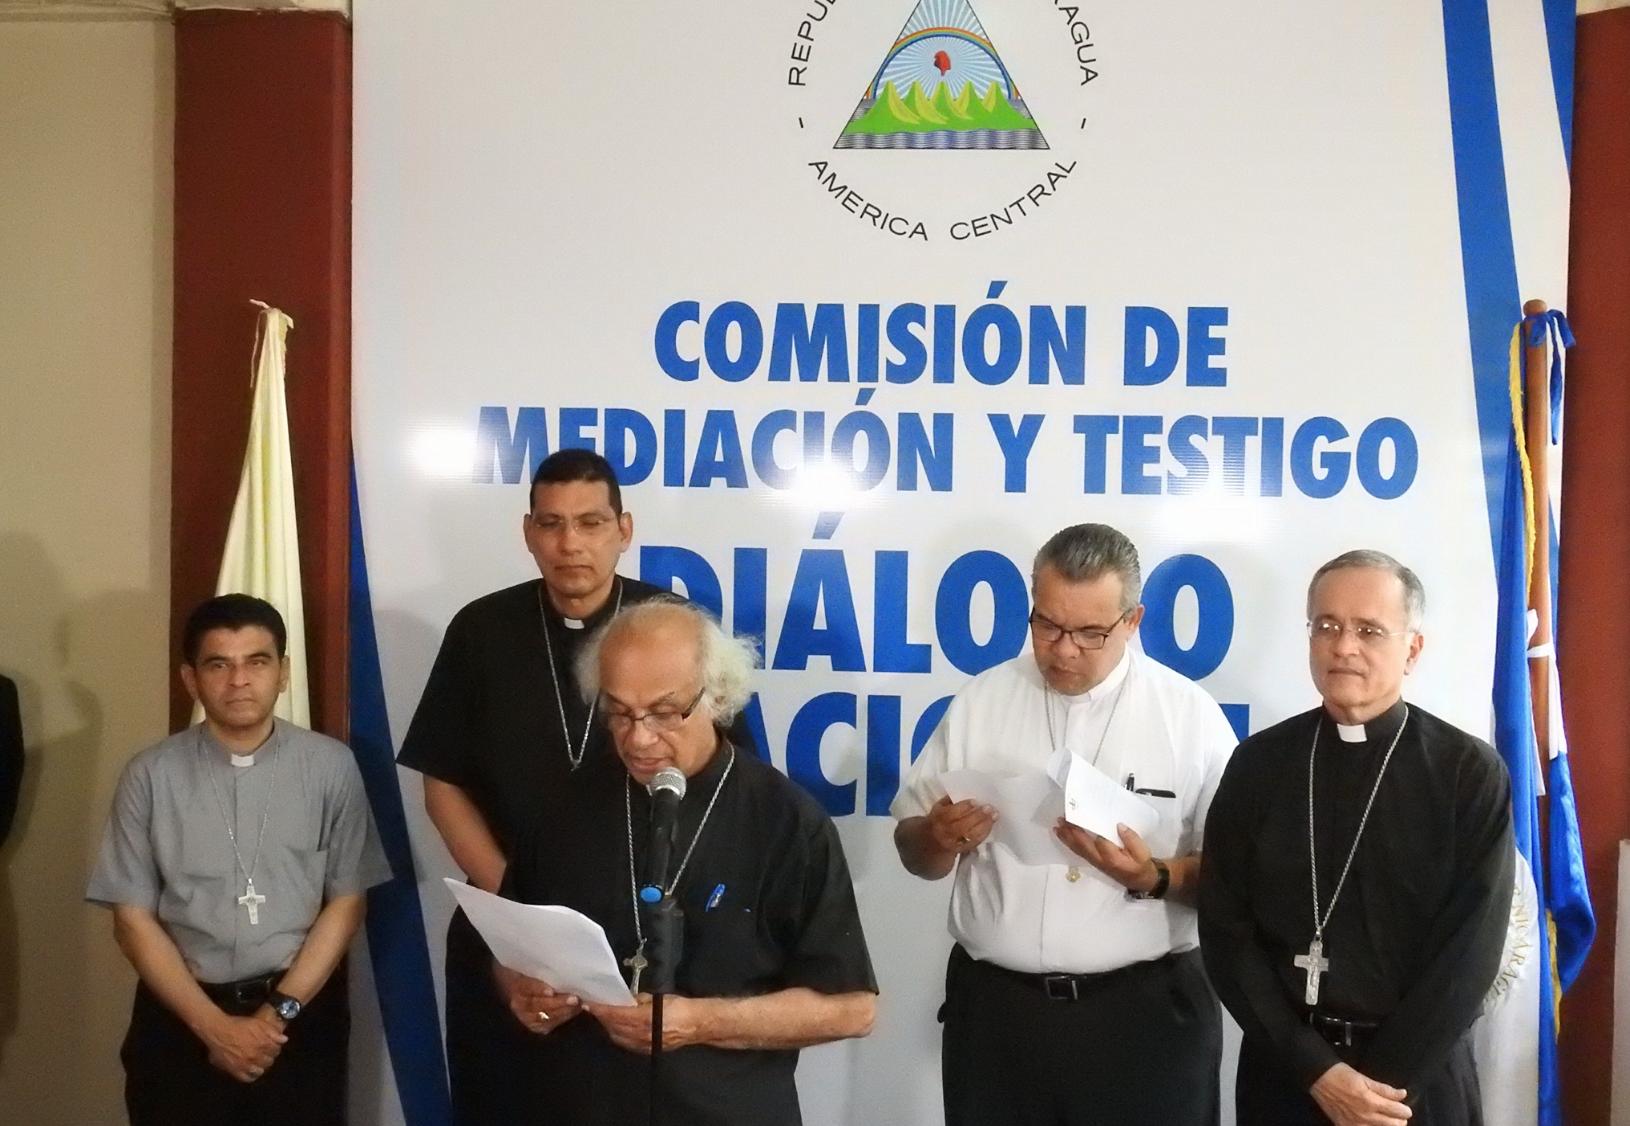 Obispos exigen al Gobierno de Daniel Ortega que invite a la CIDH y cese la represión para iniciar diálogo